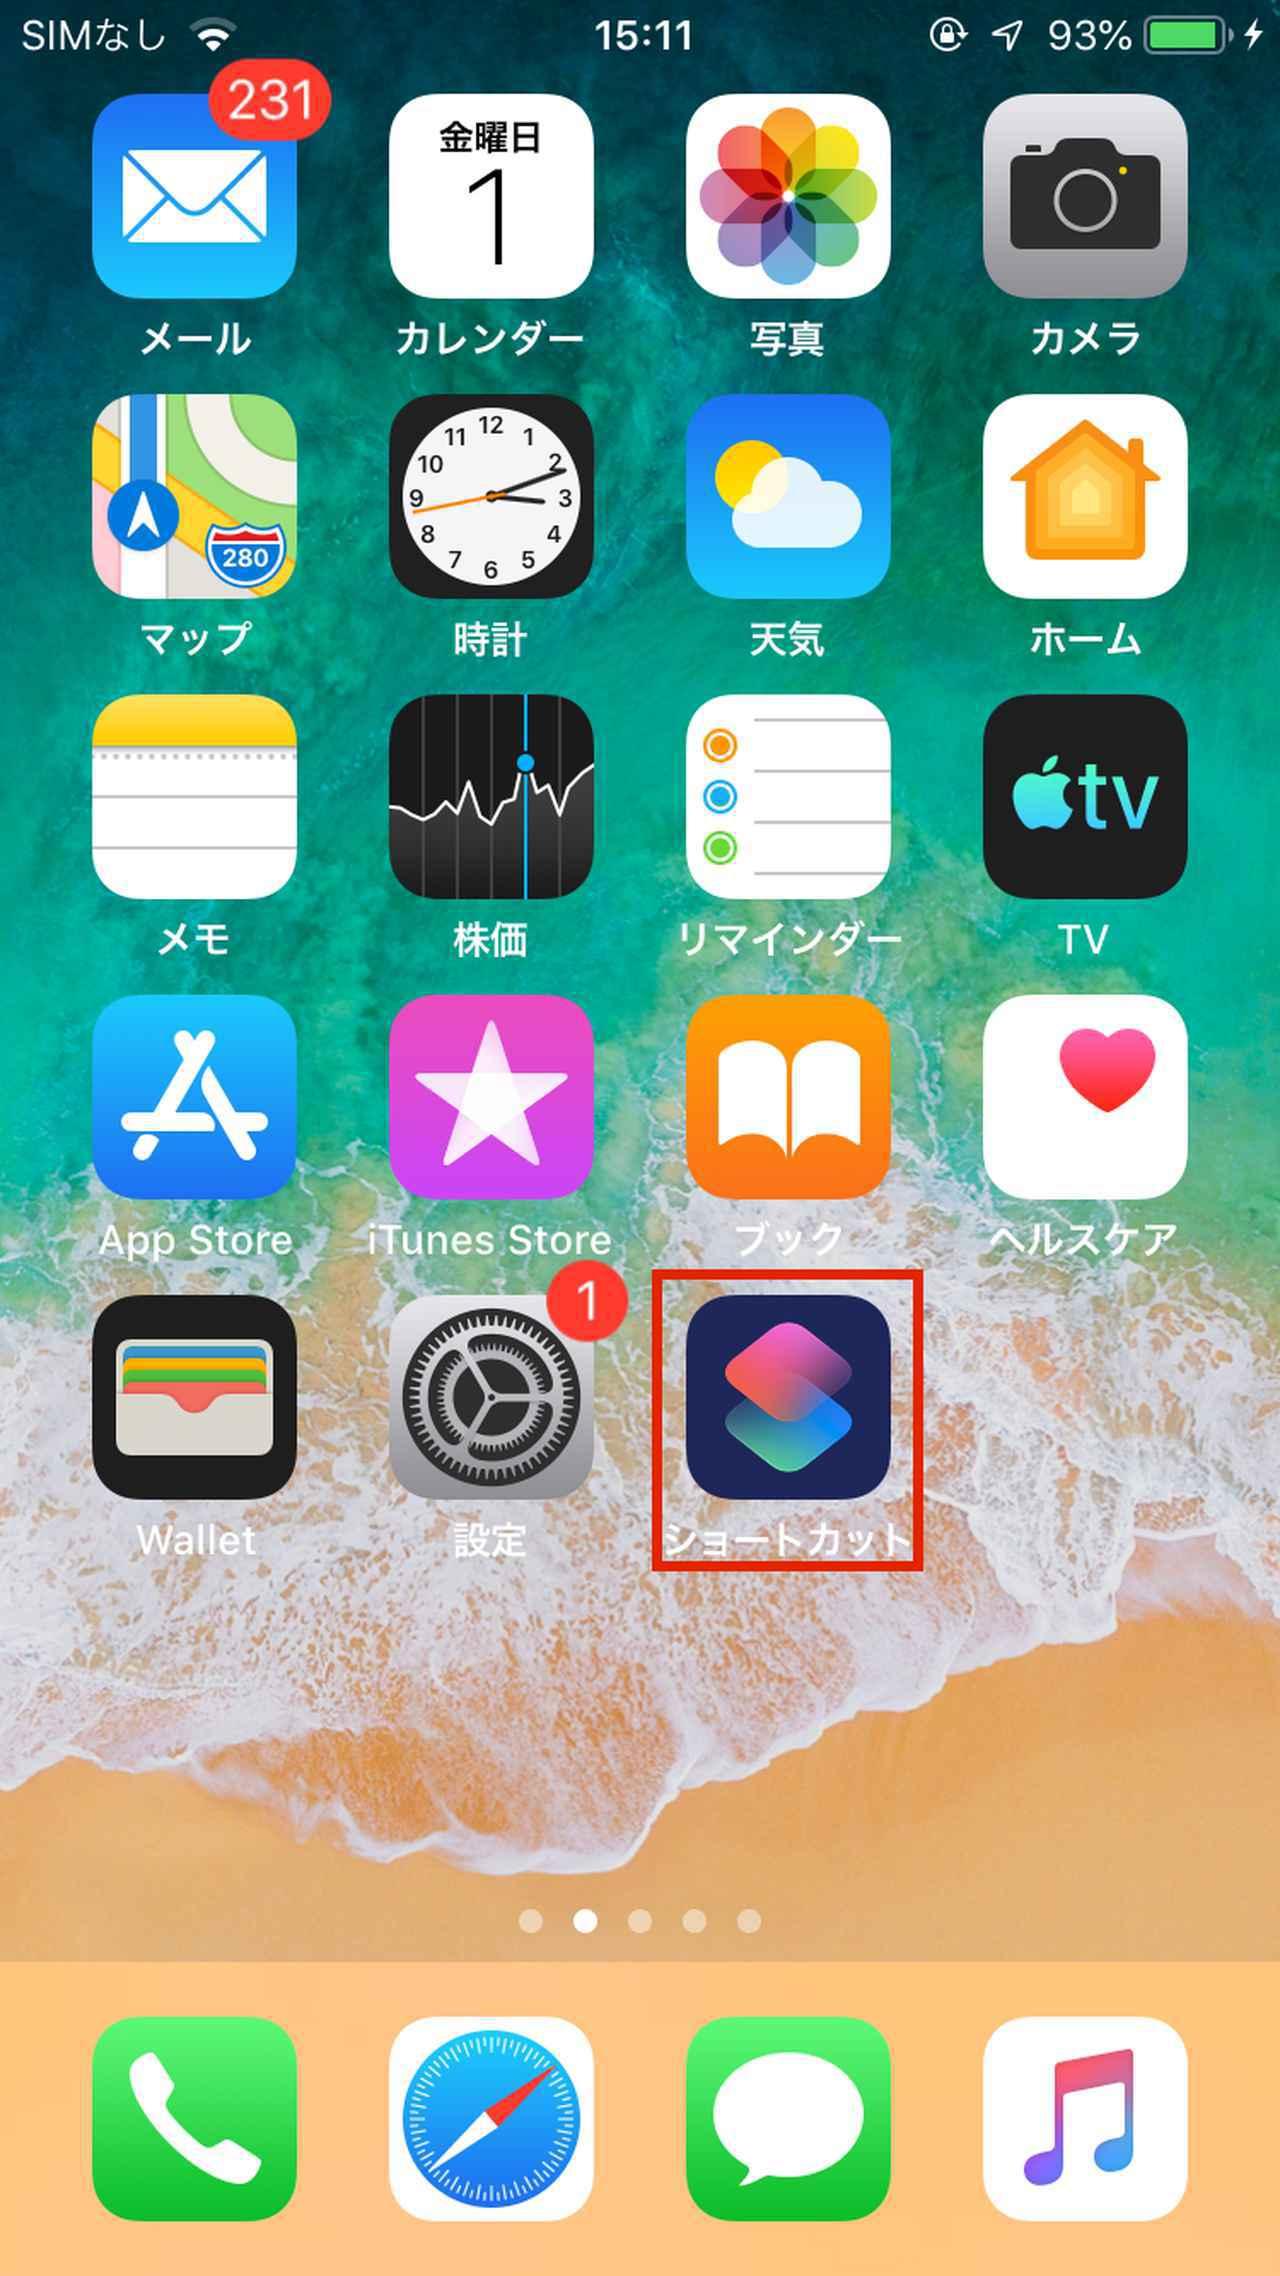 画像6: 【iPhone】ショートカットとは?アプリの使い方とおすすめの作成方法を簡単図解!